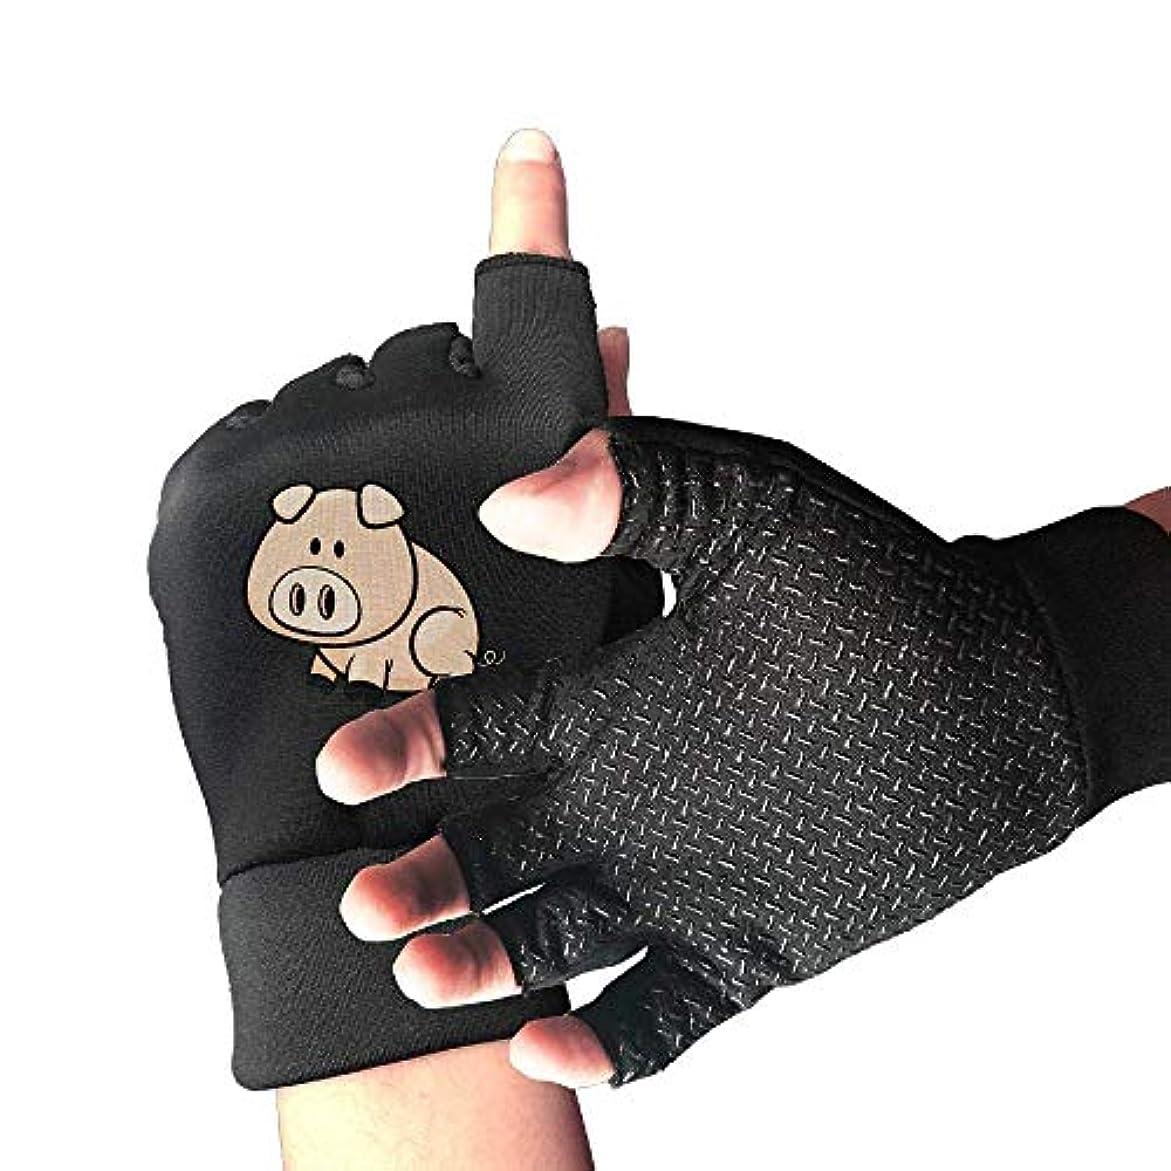 スパイサスペンション襟サイクリング手袋手描き漫画豚男性/女性のマウンテンバイクの手袋ハーフフィンガースリップ防止オートバイの手袋